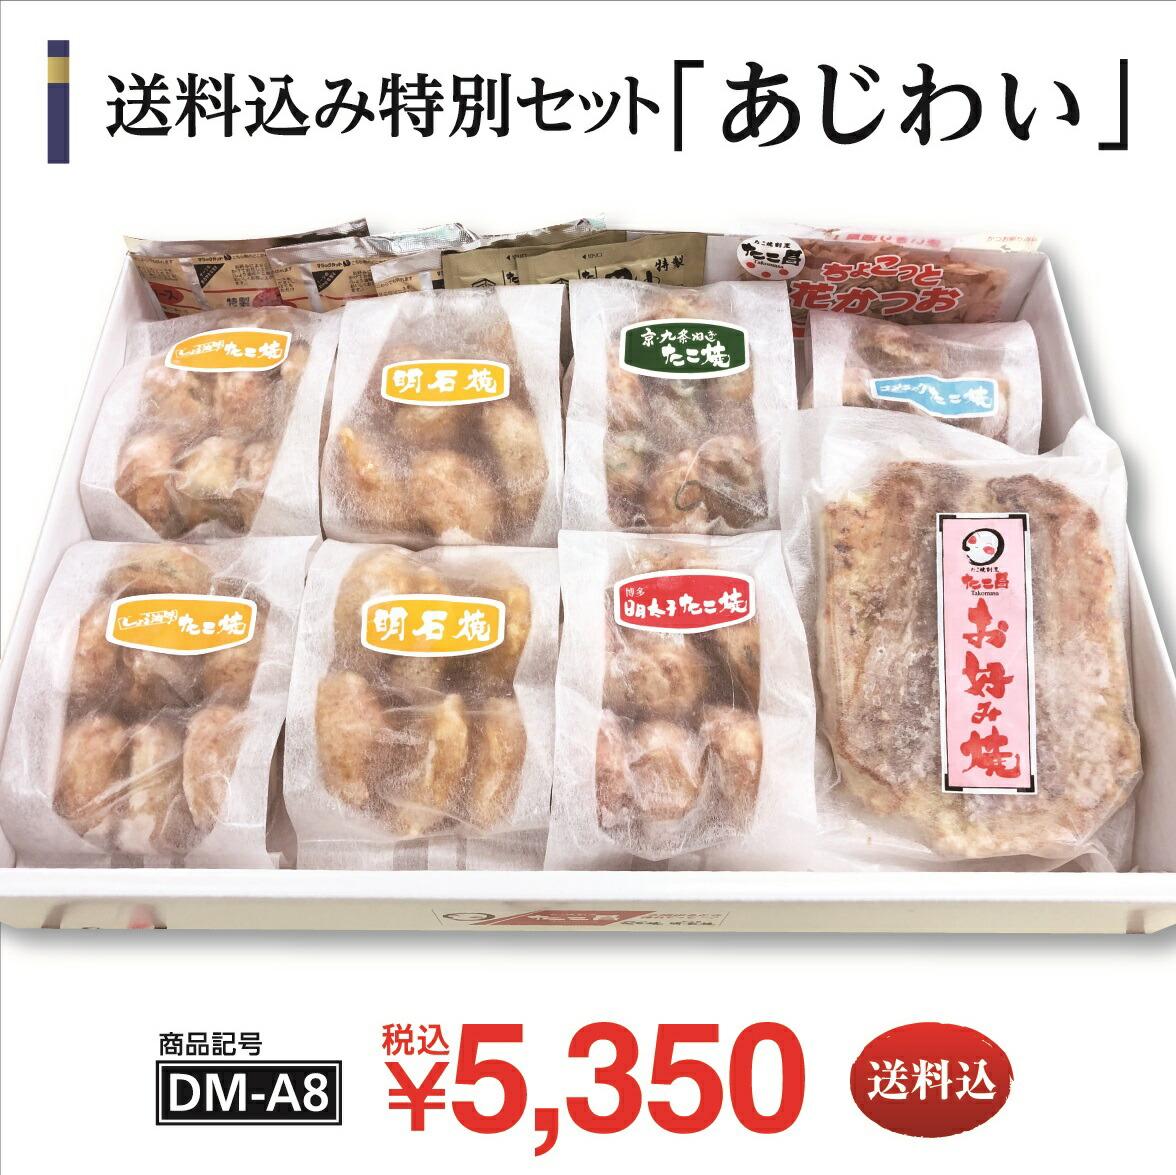 【あじわい】DM-A8 しょう油味たこ焼、明石焼、ねぎたこ焼、博多明太子たこ焼、こんにゃくたこ焼、お好み焼(計47個+1枚)